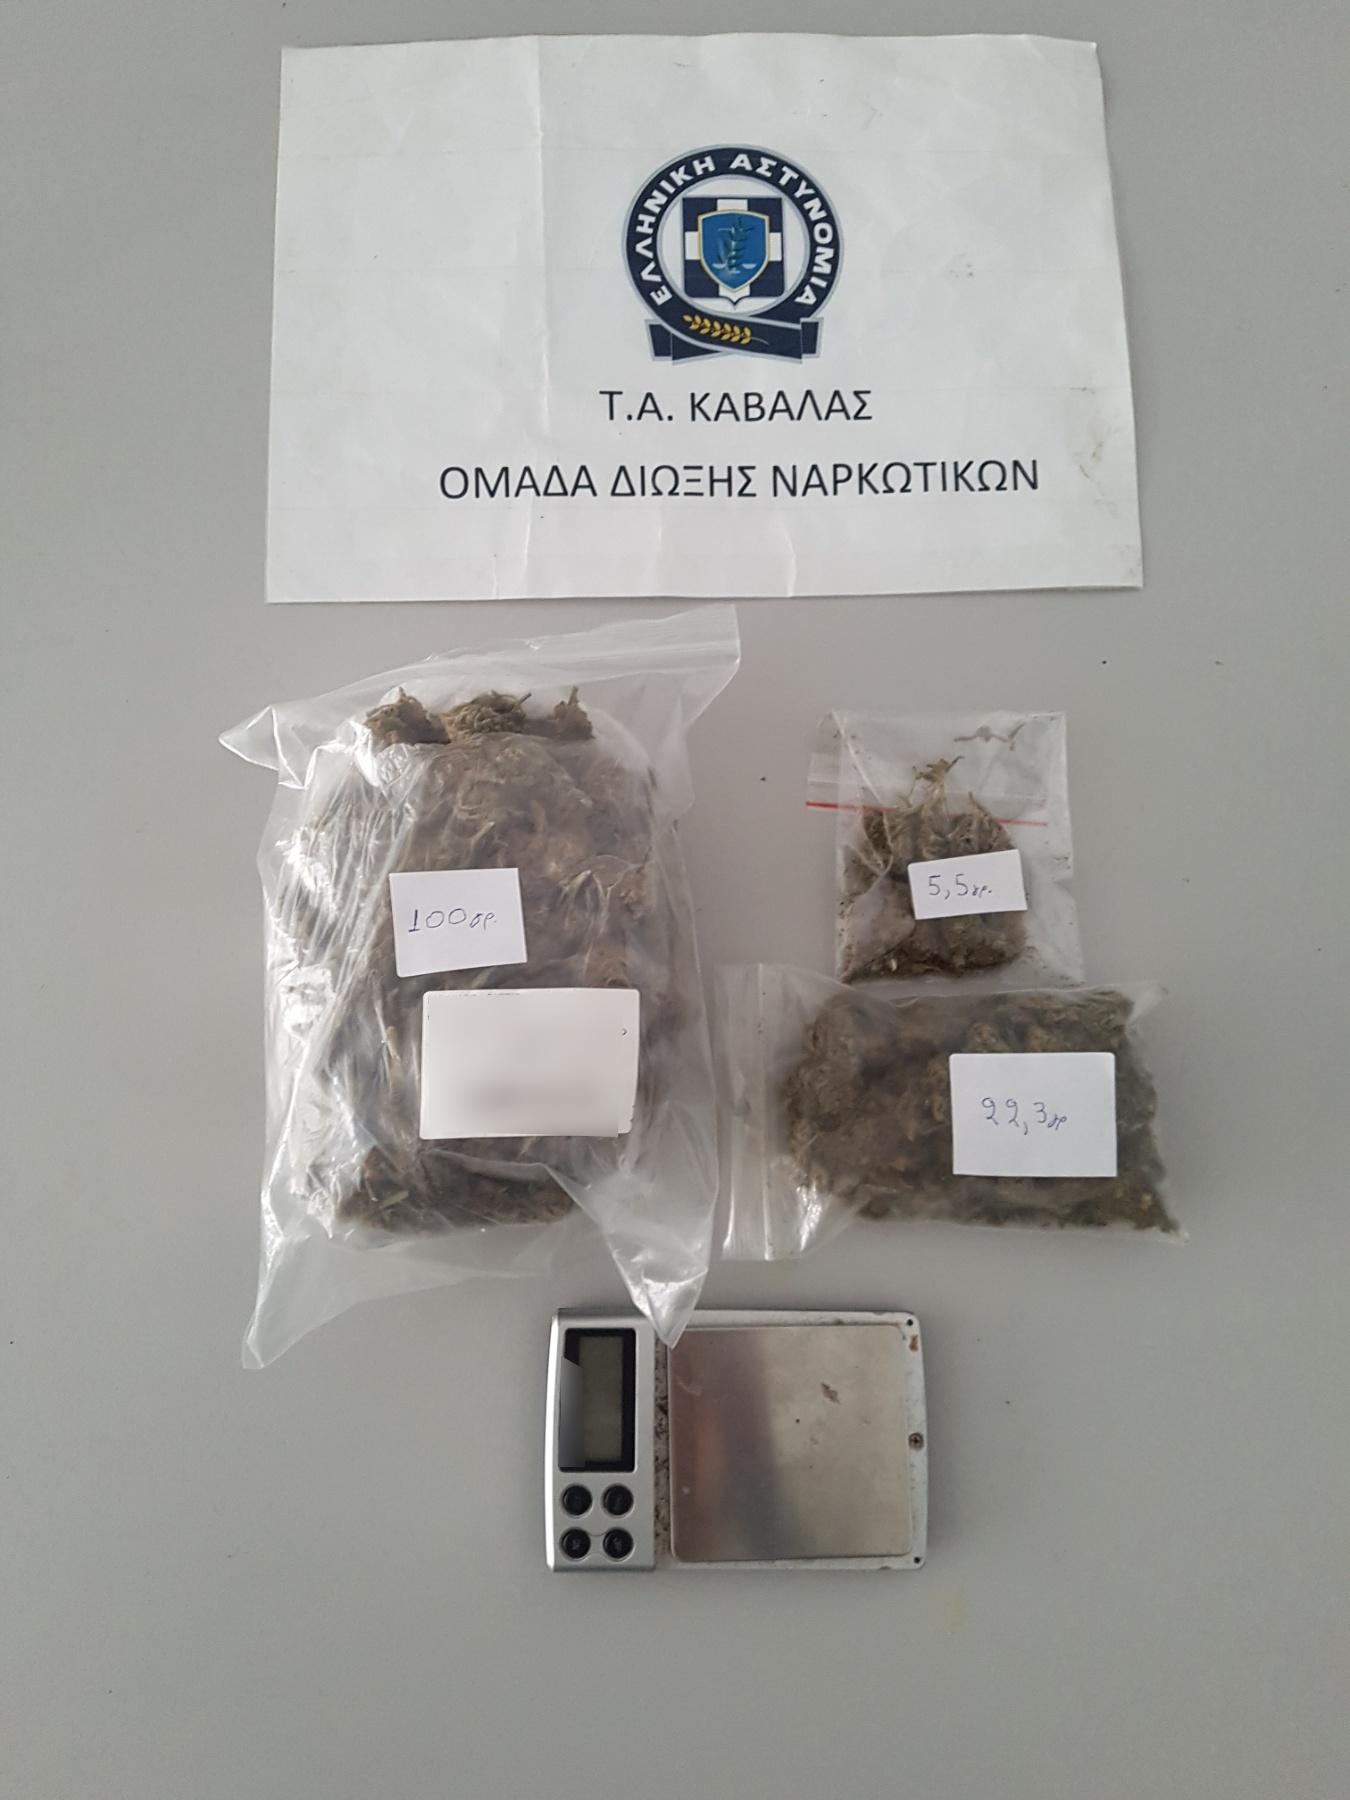 Έκρυβαν ναρκωτικά στα σπίτια τους σε Έβρο και Καβάλα [ΦΩΤΟ]